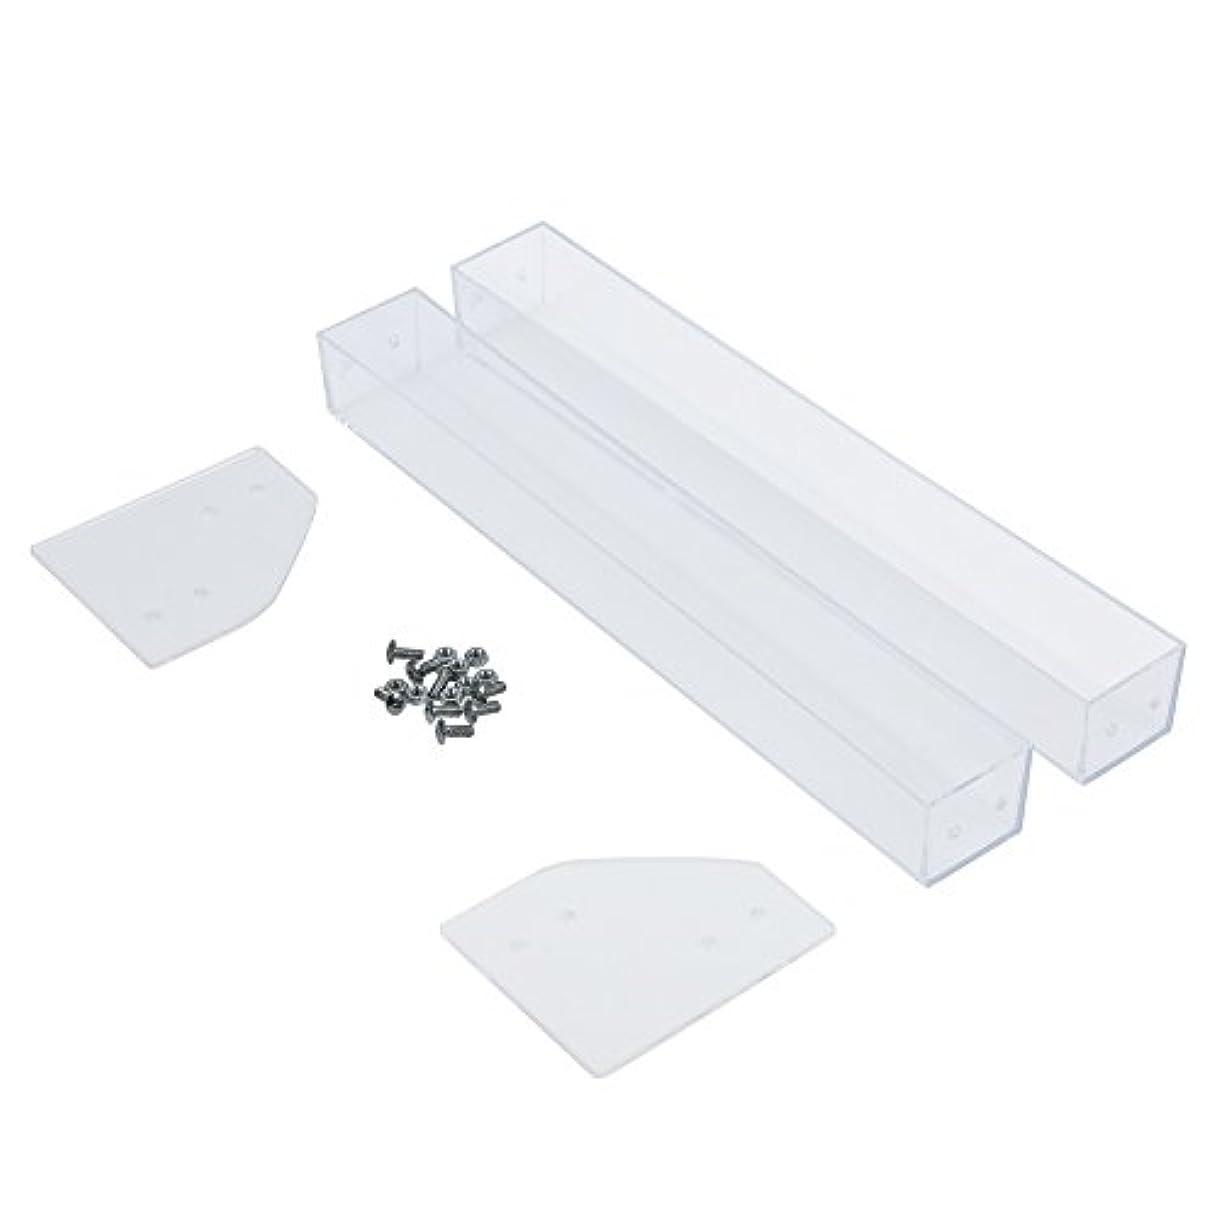 結核描くメルボルン耐久性のあるマニキュアアクリルディスプレイスタンド(Two Layers)